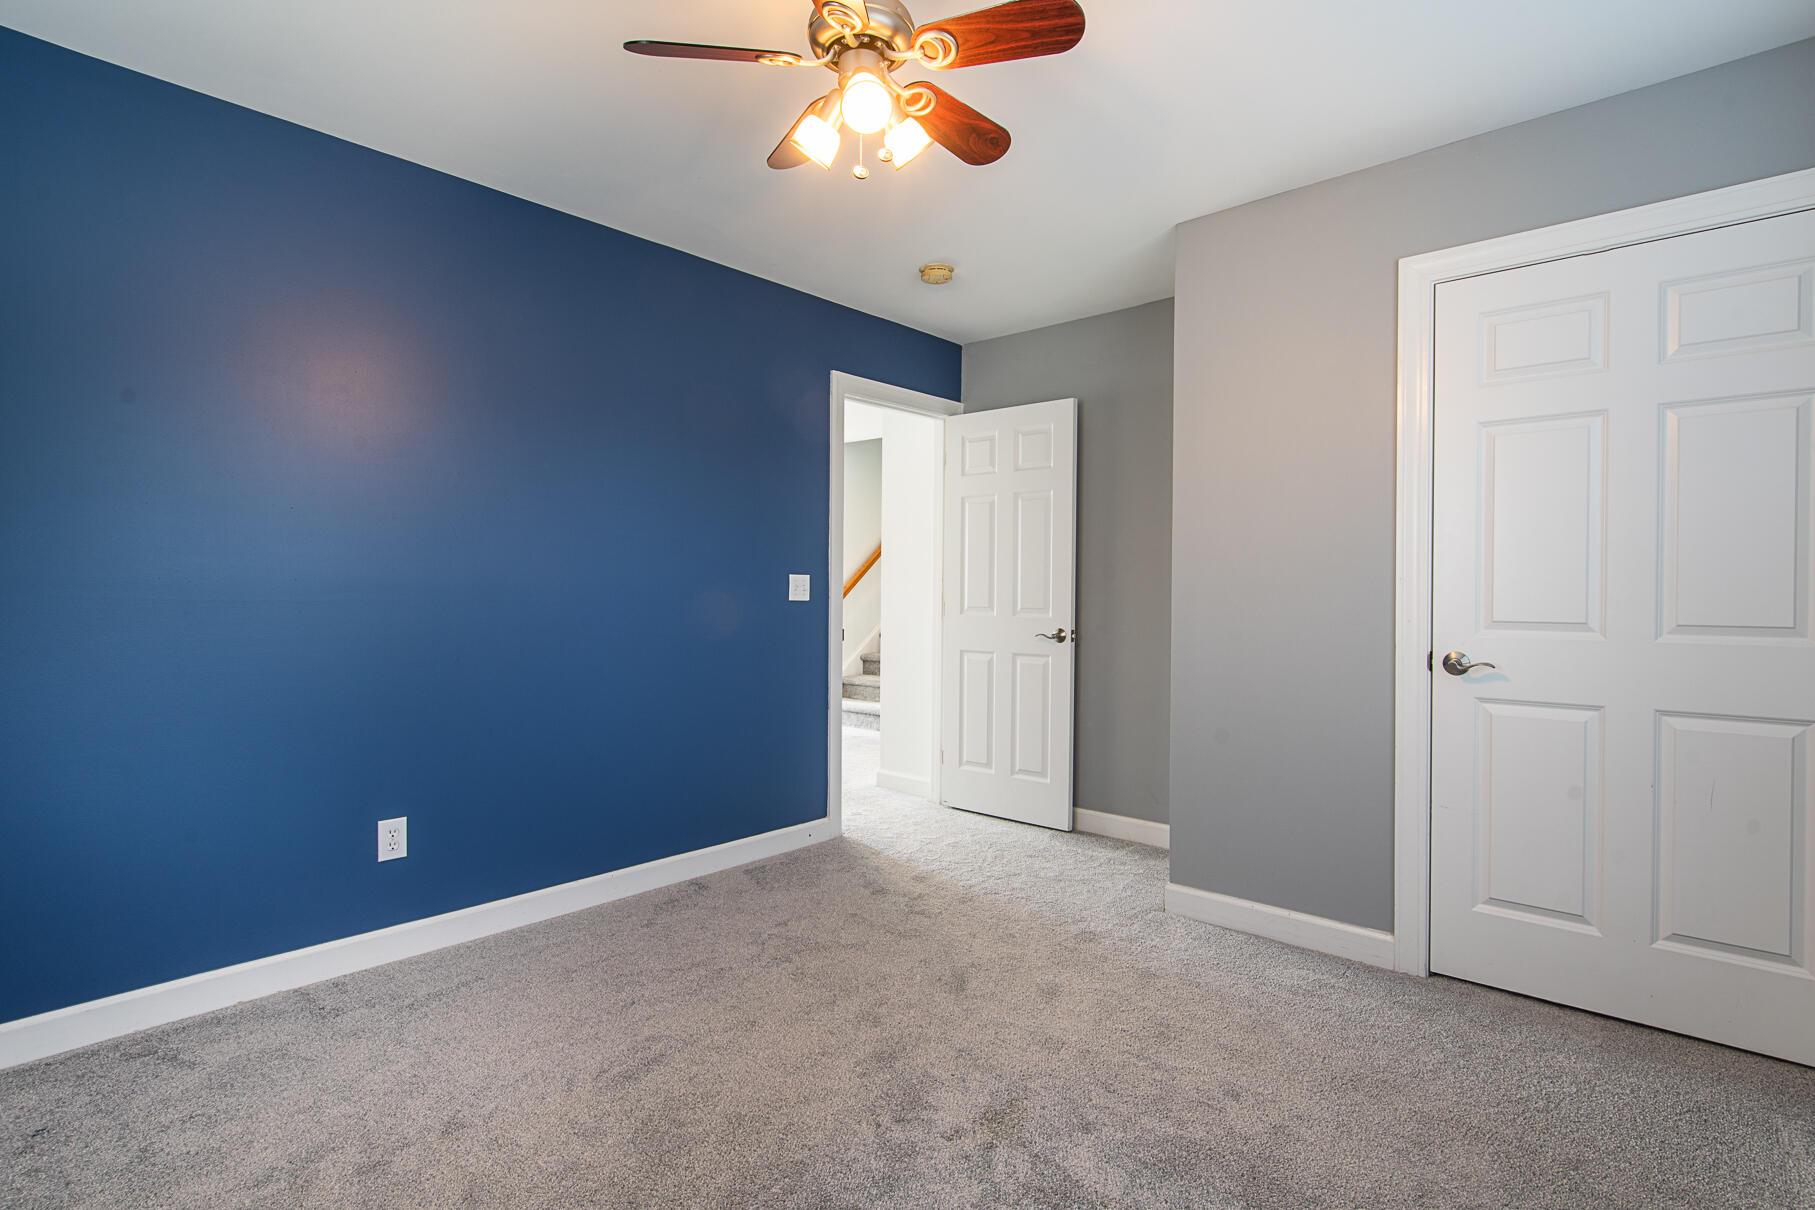 Dunes West Homes For Sale - 3059 Riverwood, Mount Pleasant, SC - 45